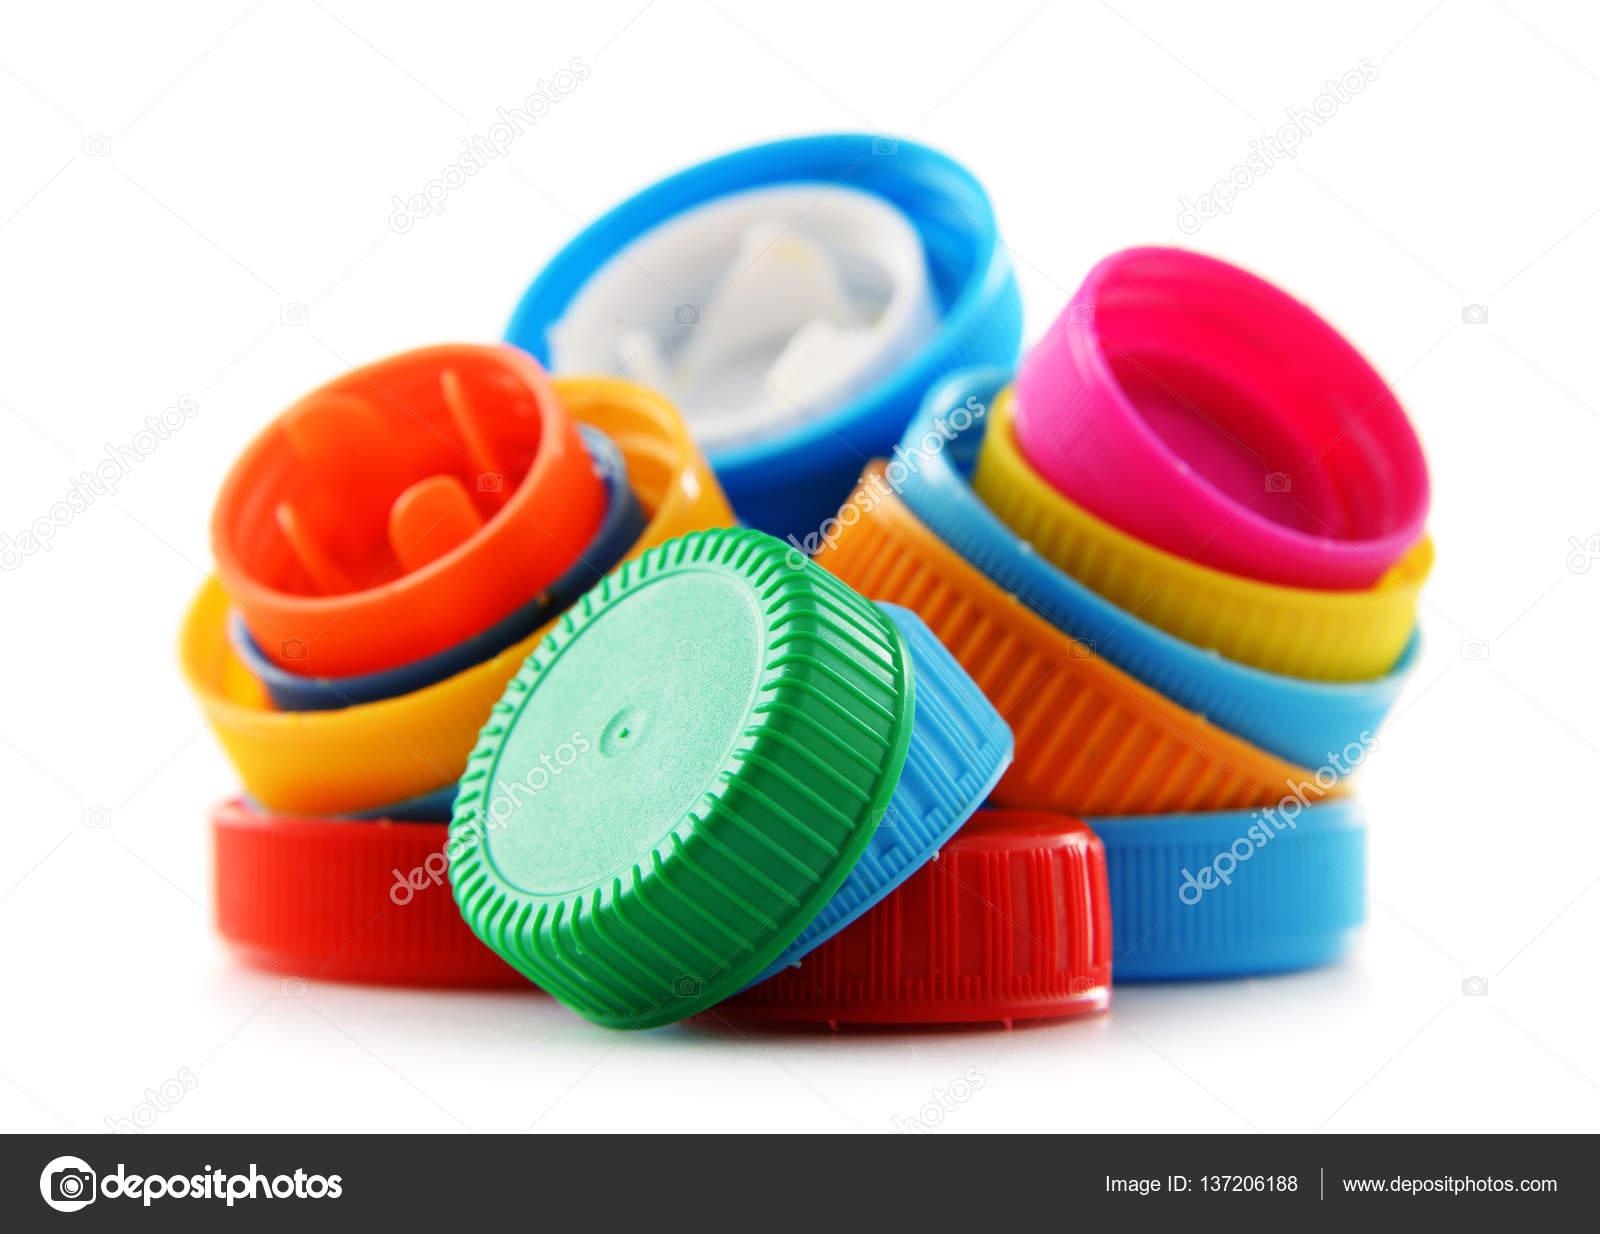 Imagenes de tapas de plastico composici n con tapas de for Tapas de plastico